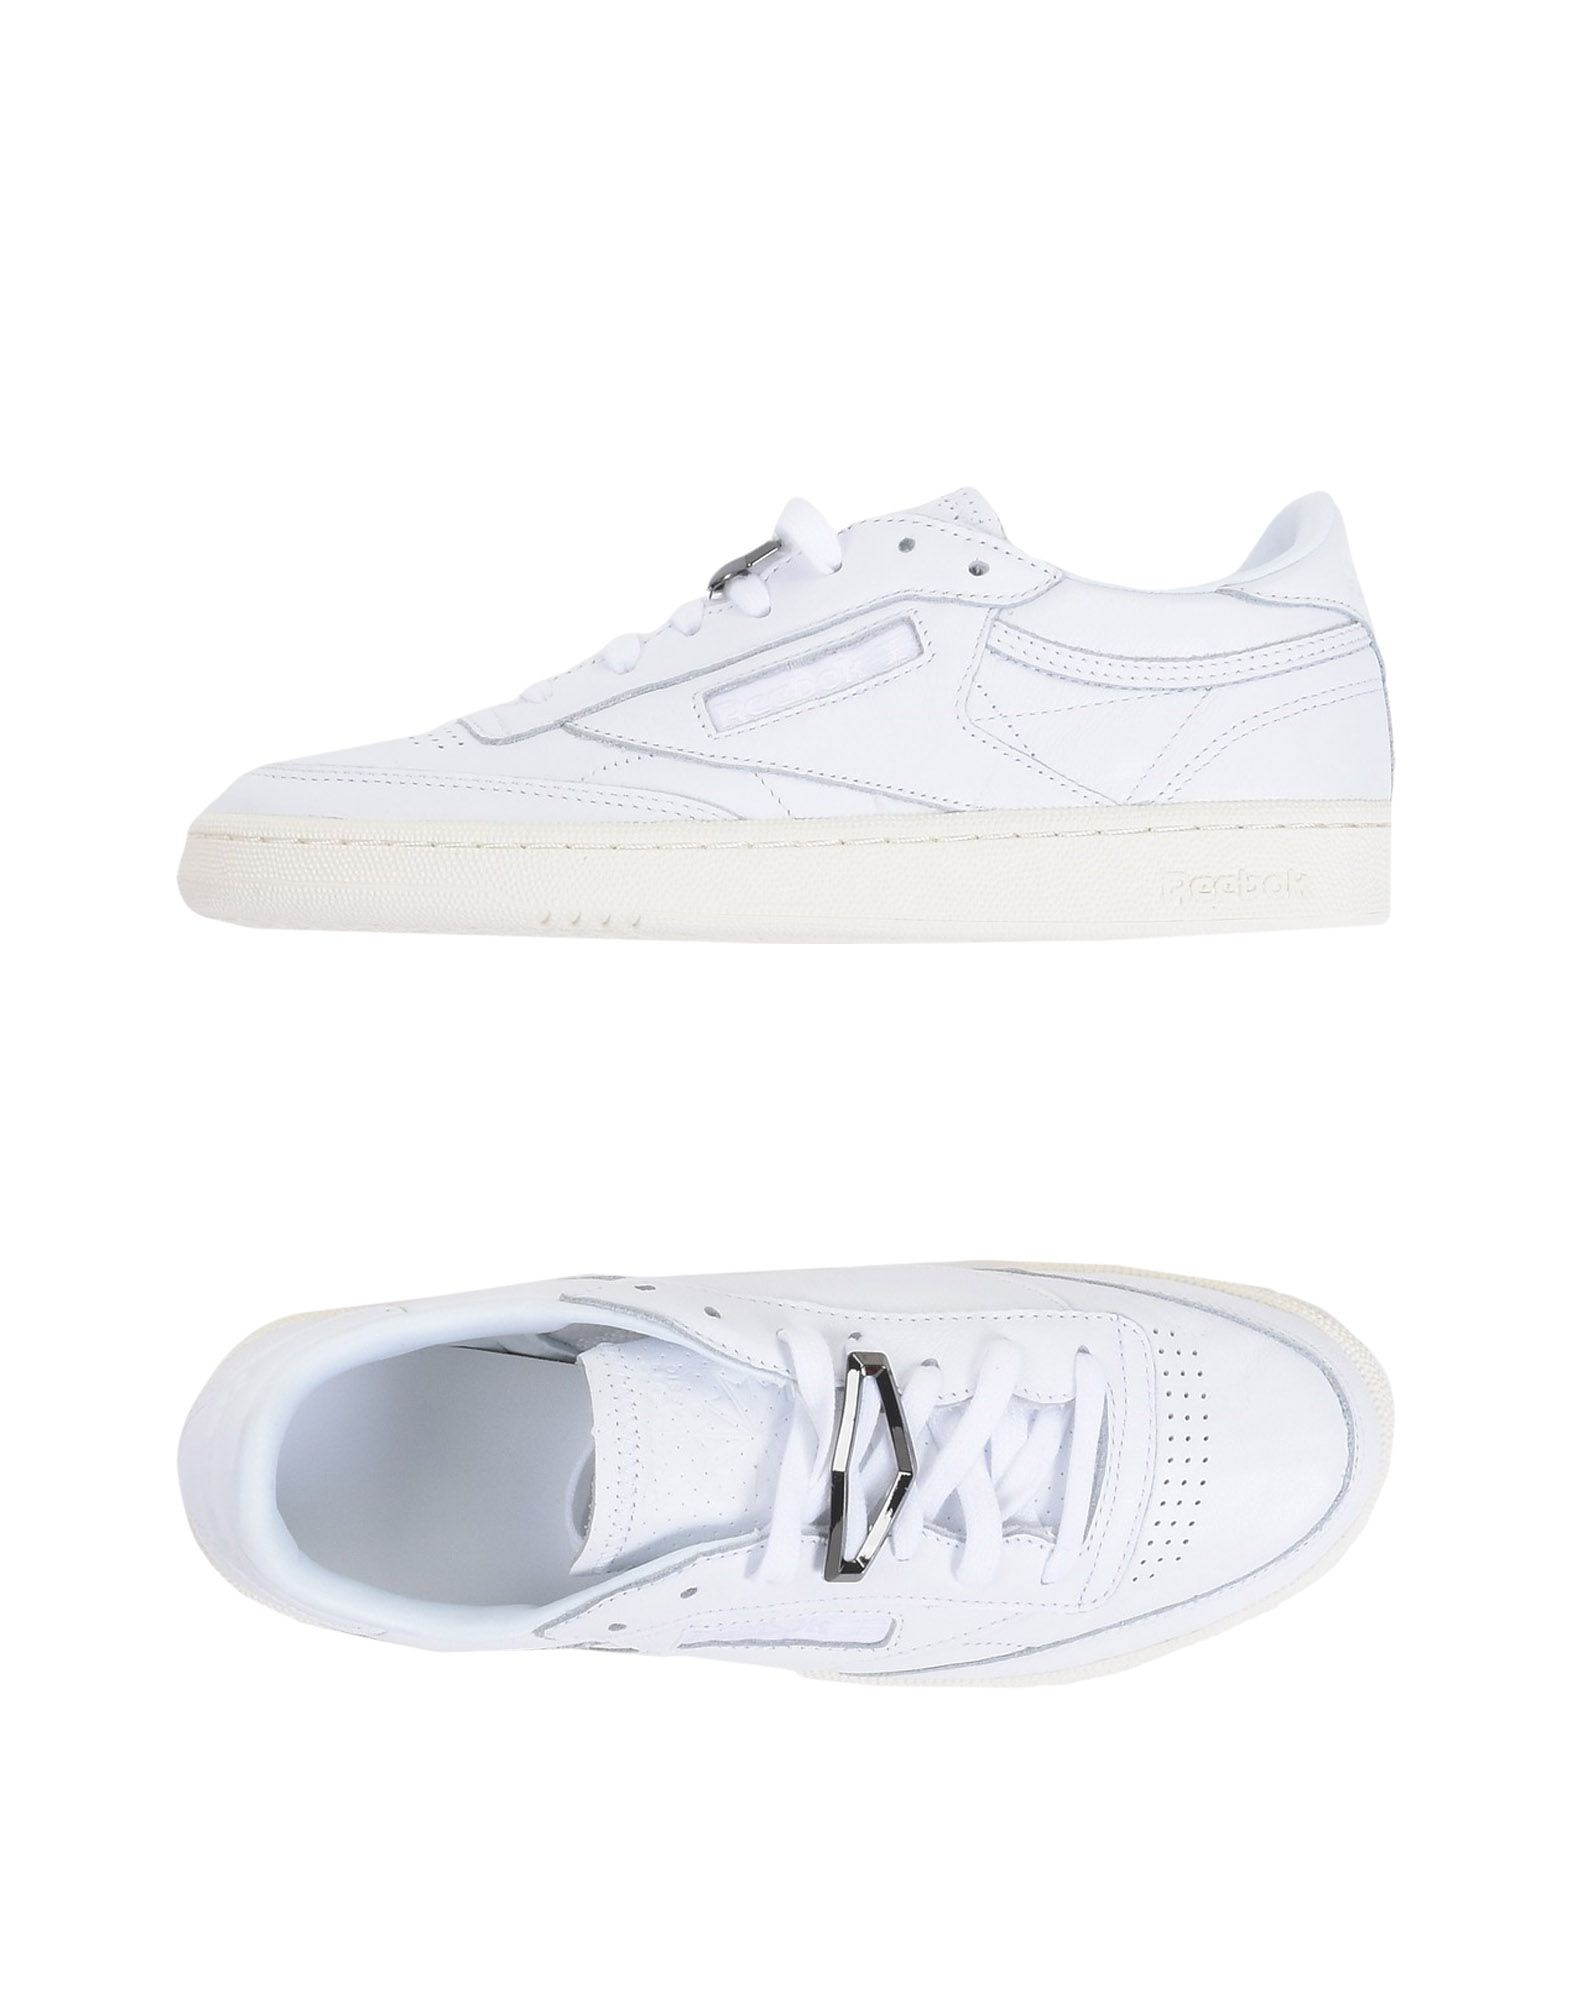 Reebok Club C 85 Hrdware  11443520TH Gute Qualität beliebte Schuhe